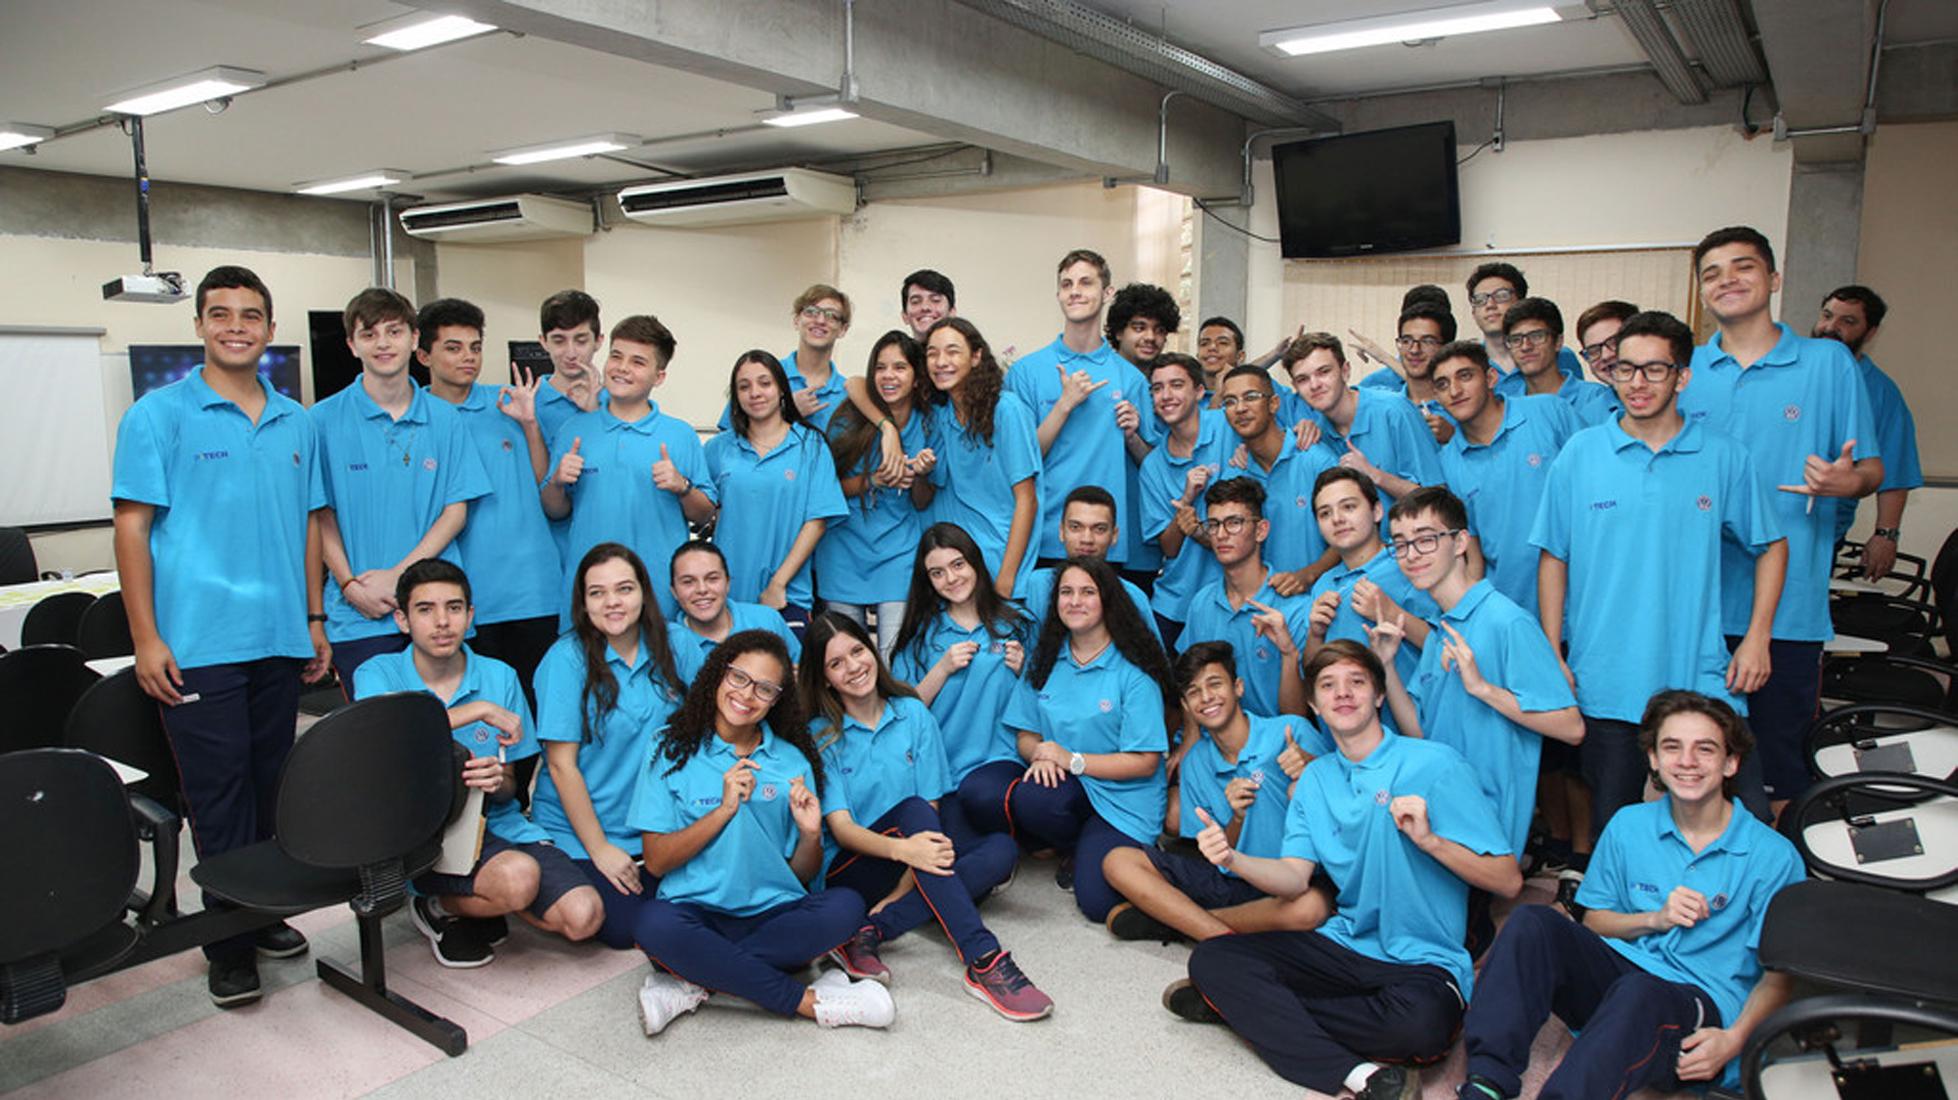 Volkswagen faz parceria com IBM e Centro Paula Souza para formar profissionais da Era Digital - IBM Comunica